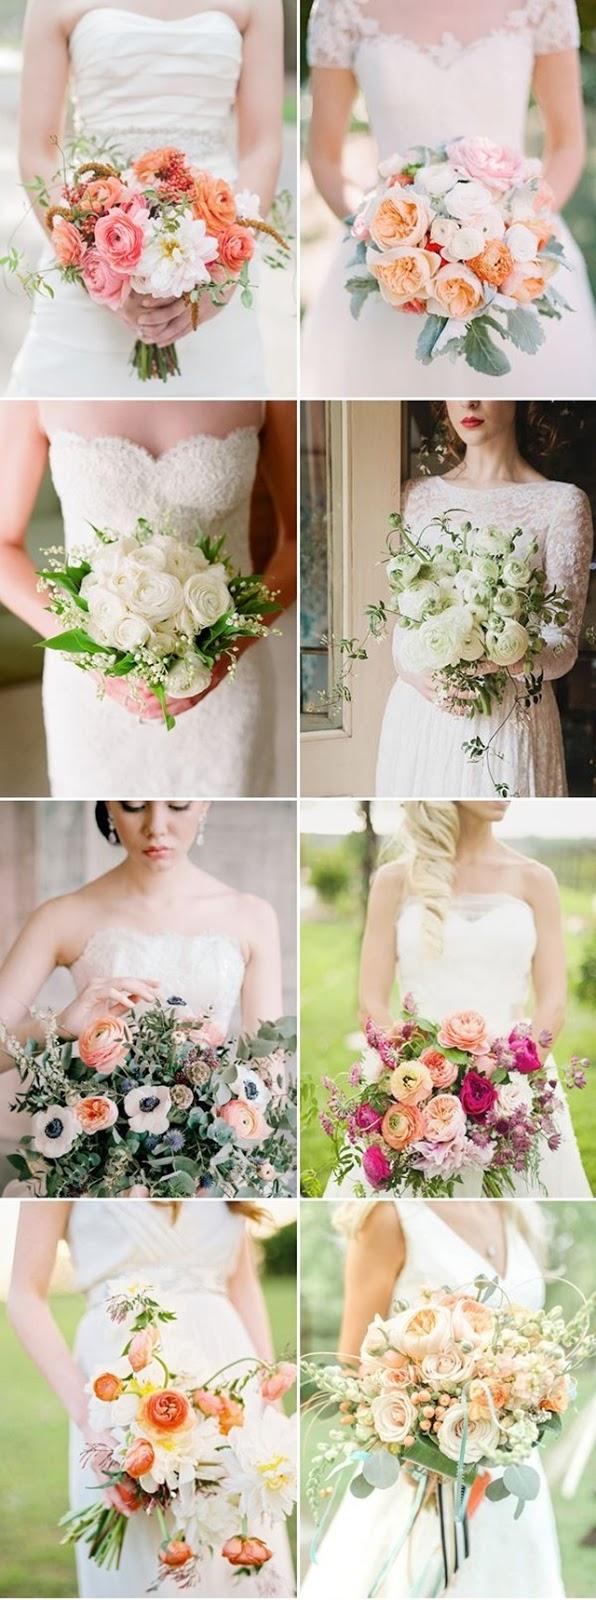 Inspirasi Handbouquet Di Hari Perkahwinan